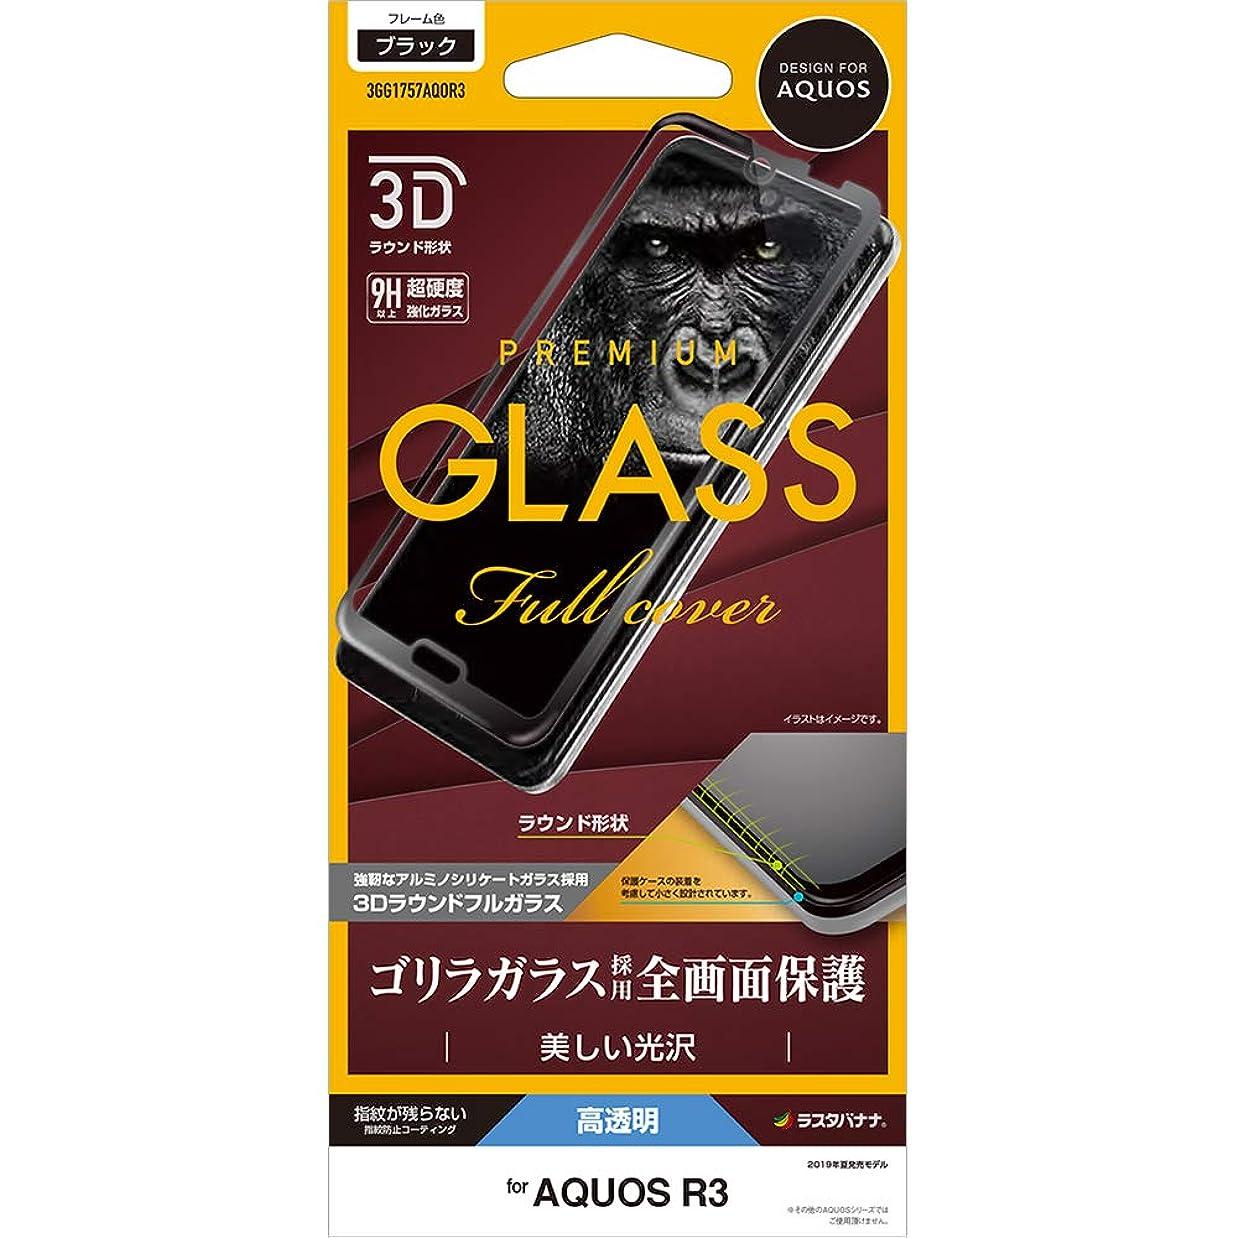 貢献実装するジャーナルラスタバナナ フィルム AQUOS R3 SH-04L SHV44 曲面保護 強化ガラス 高光沢 ゴリラガラス採用 3Dフレーム ブラック アクオスR3 液晶保護フィルム 3GG1757AQOR3